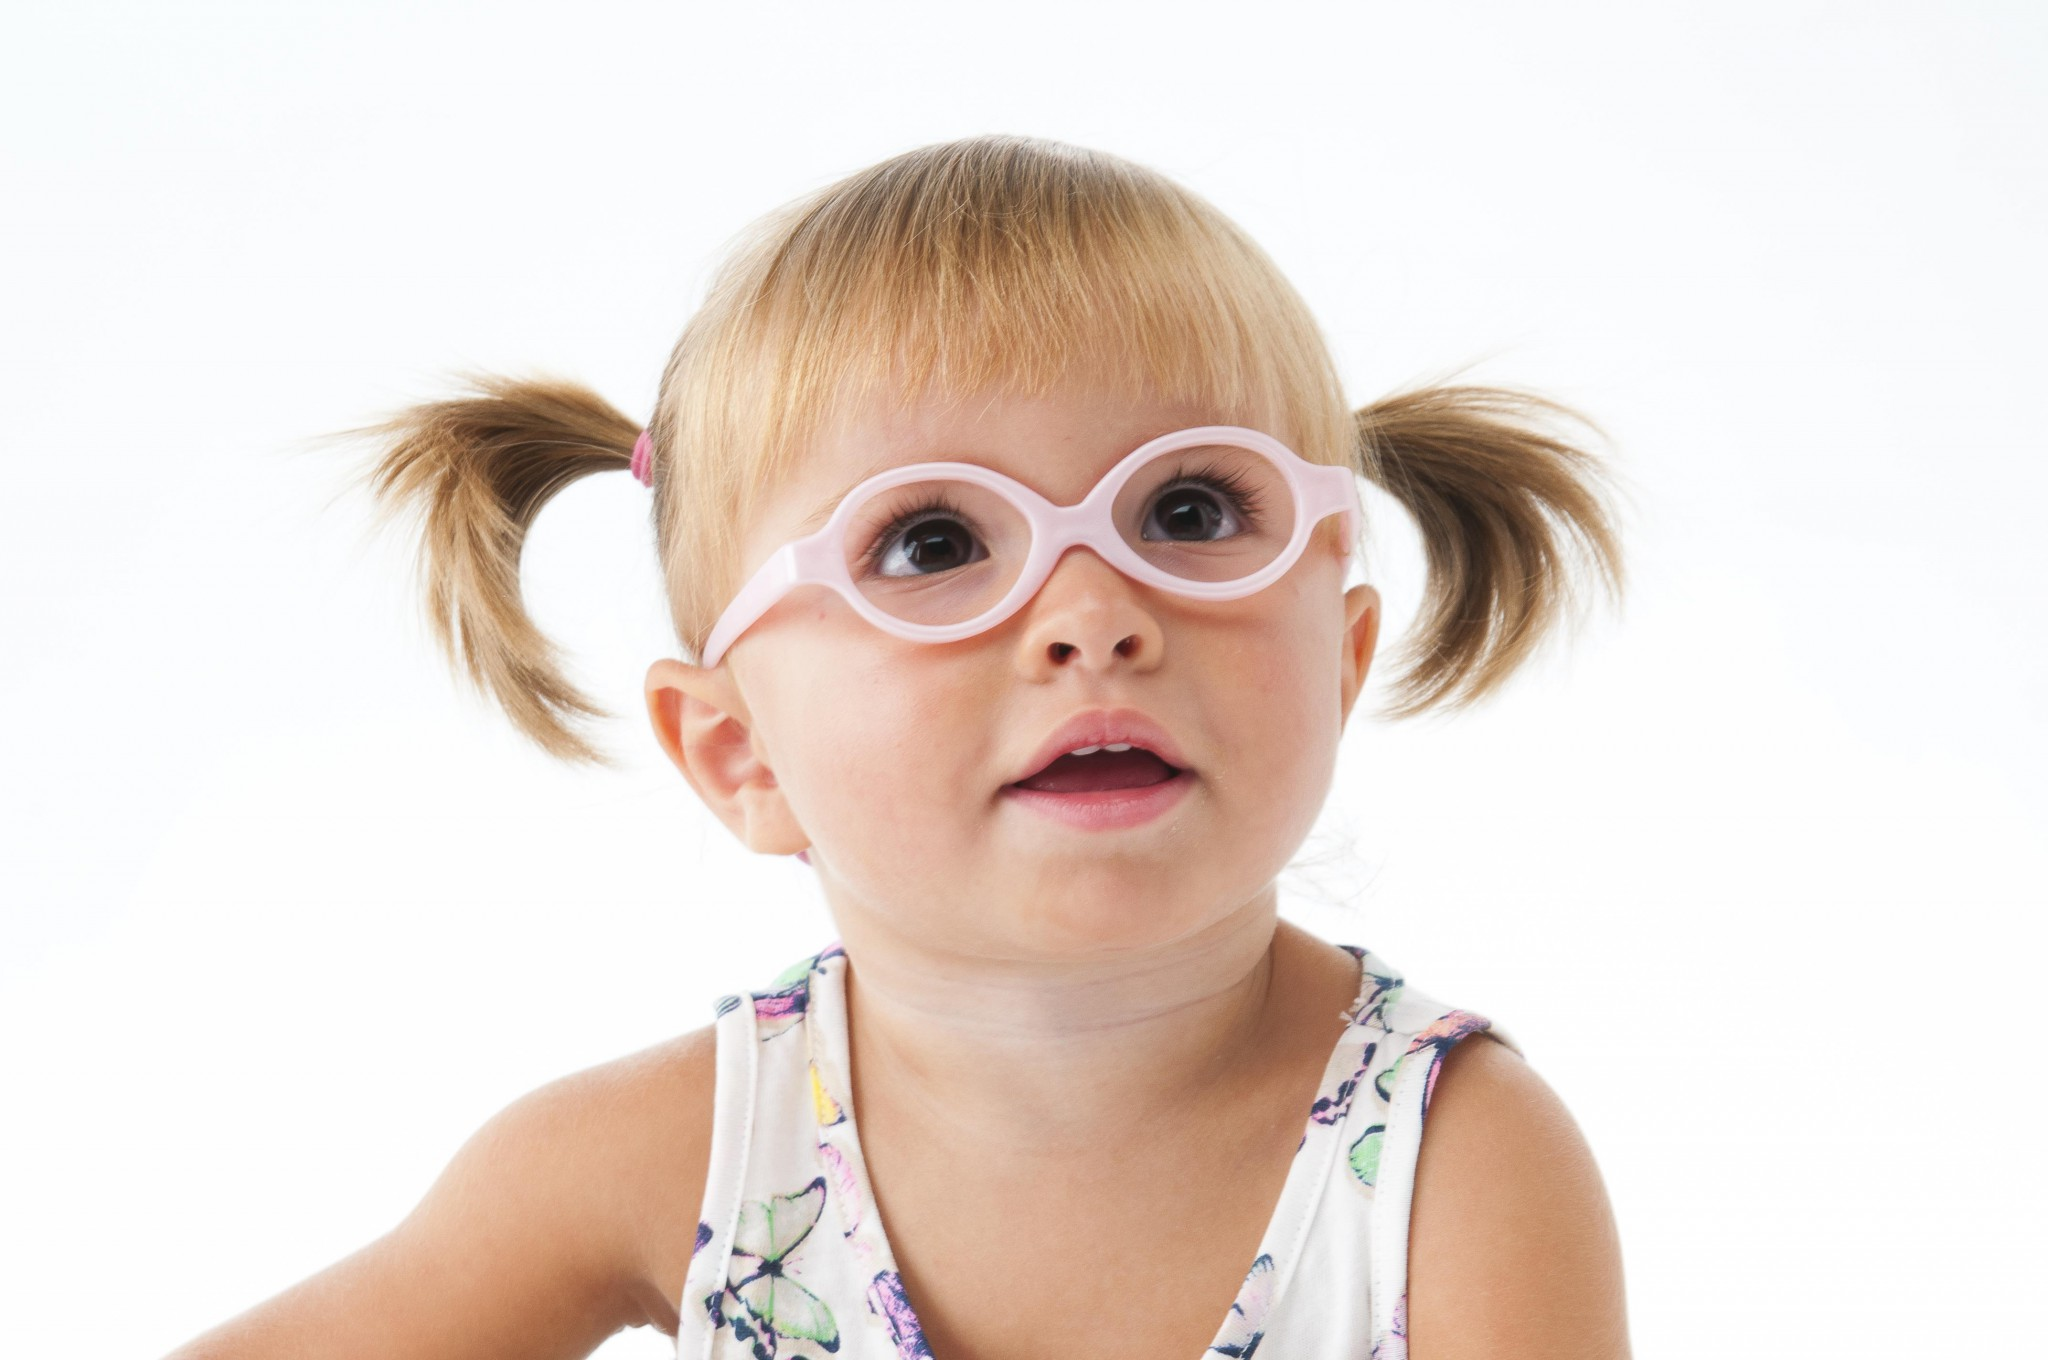 Elección de las gafas correctas para nuestros hijos